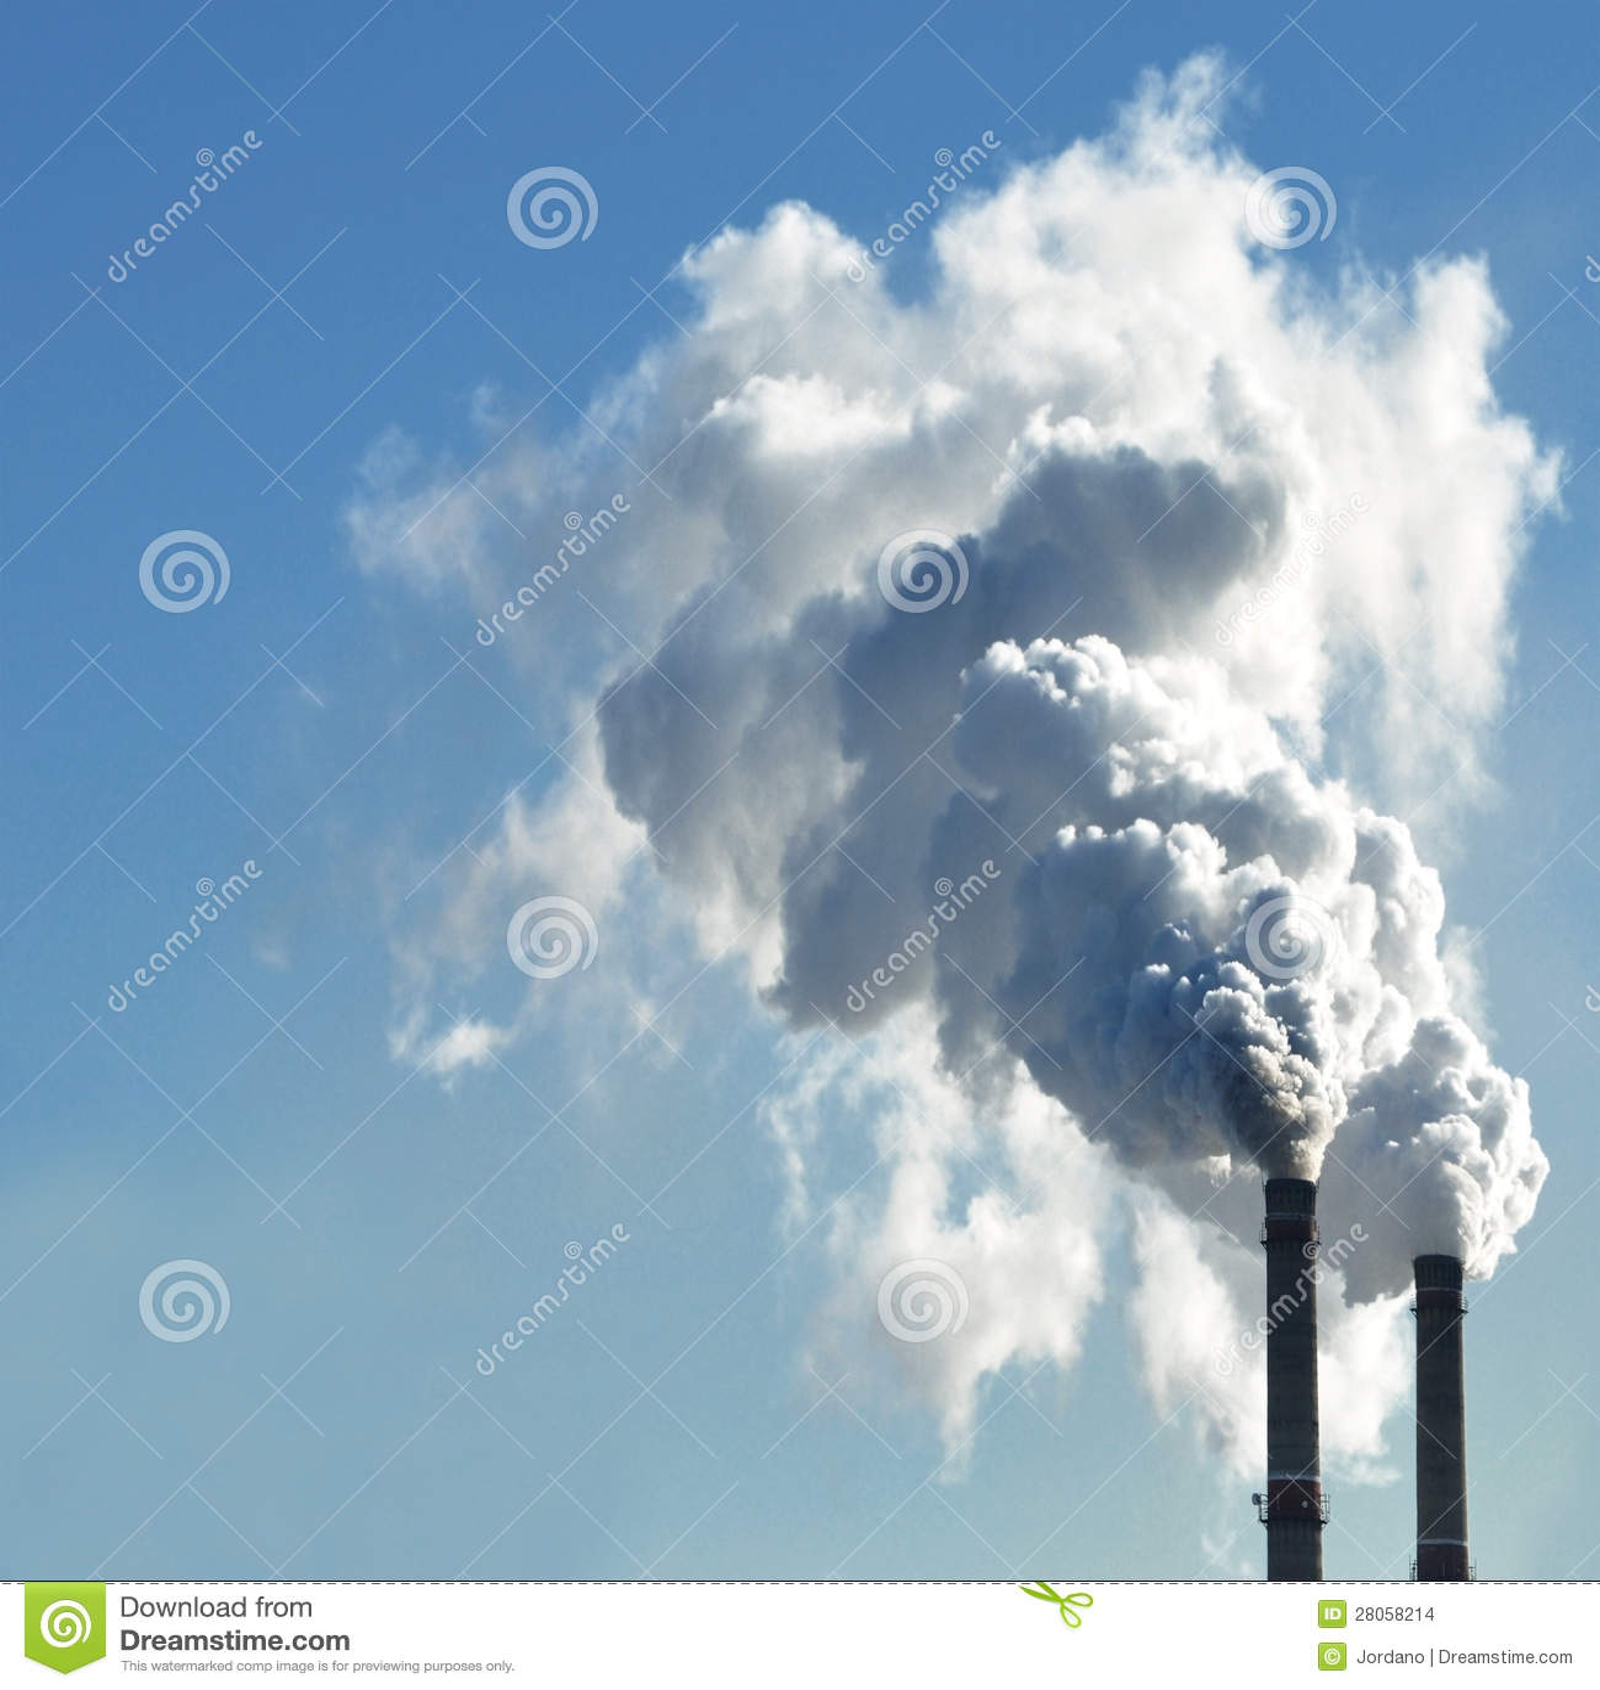 Industri?le rook van schoorsteen op hemel